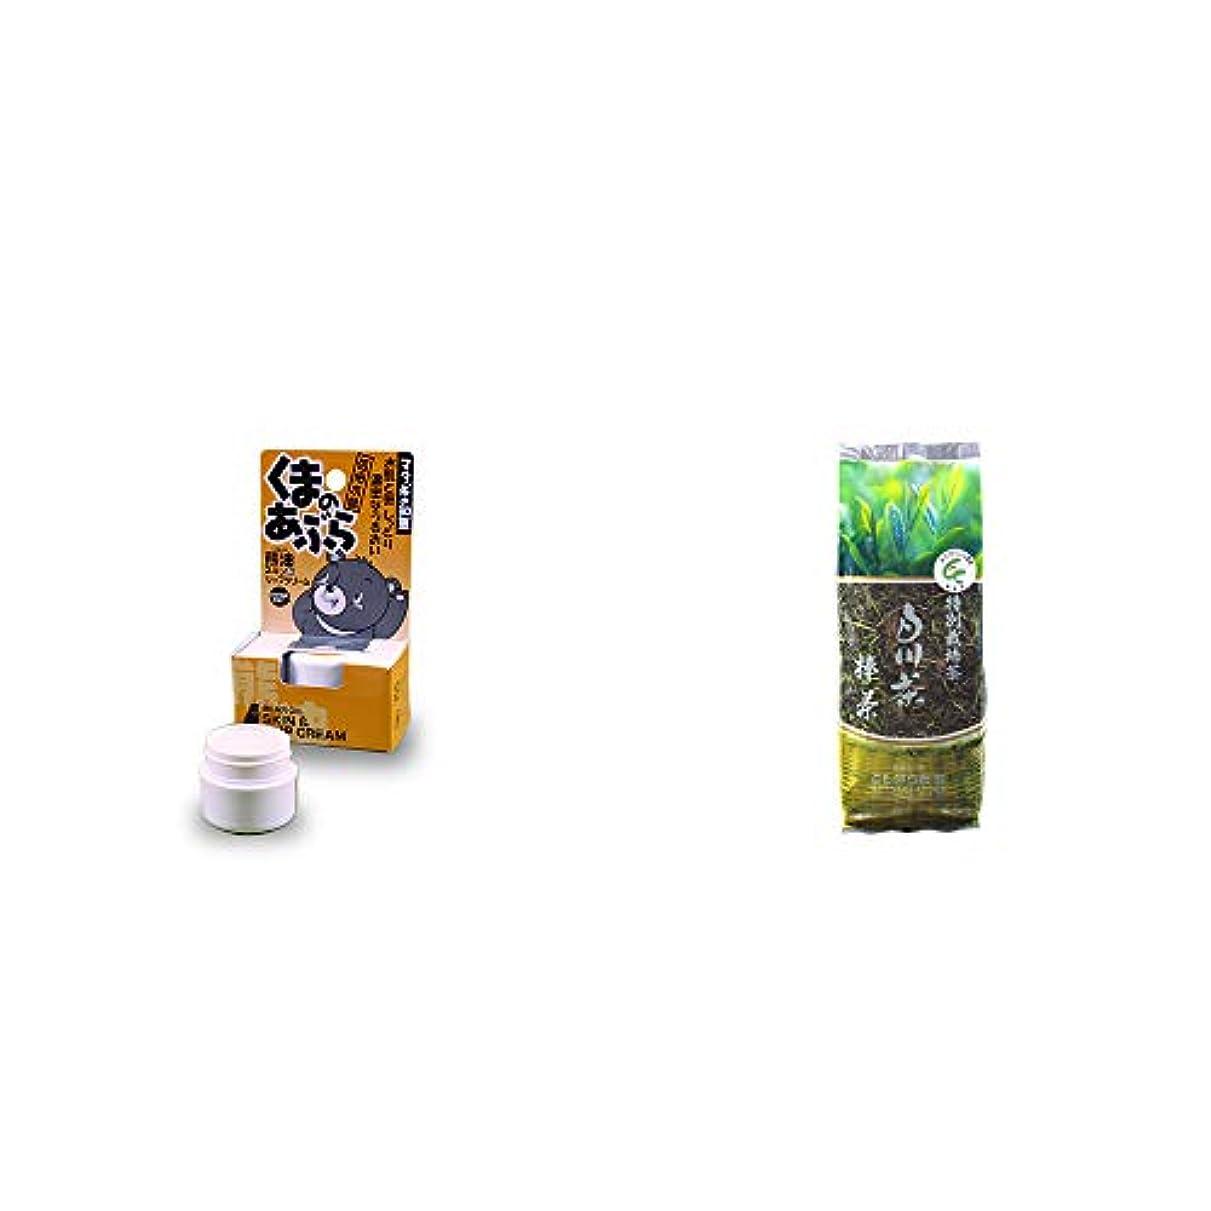 モールフィヨルド操縦する[2点セット] 信州木曽 くまのあぶら 熊油スキン&リップクリーム(9g)?白川茶 特別栽培茶【棒茶】(150g)